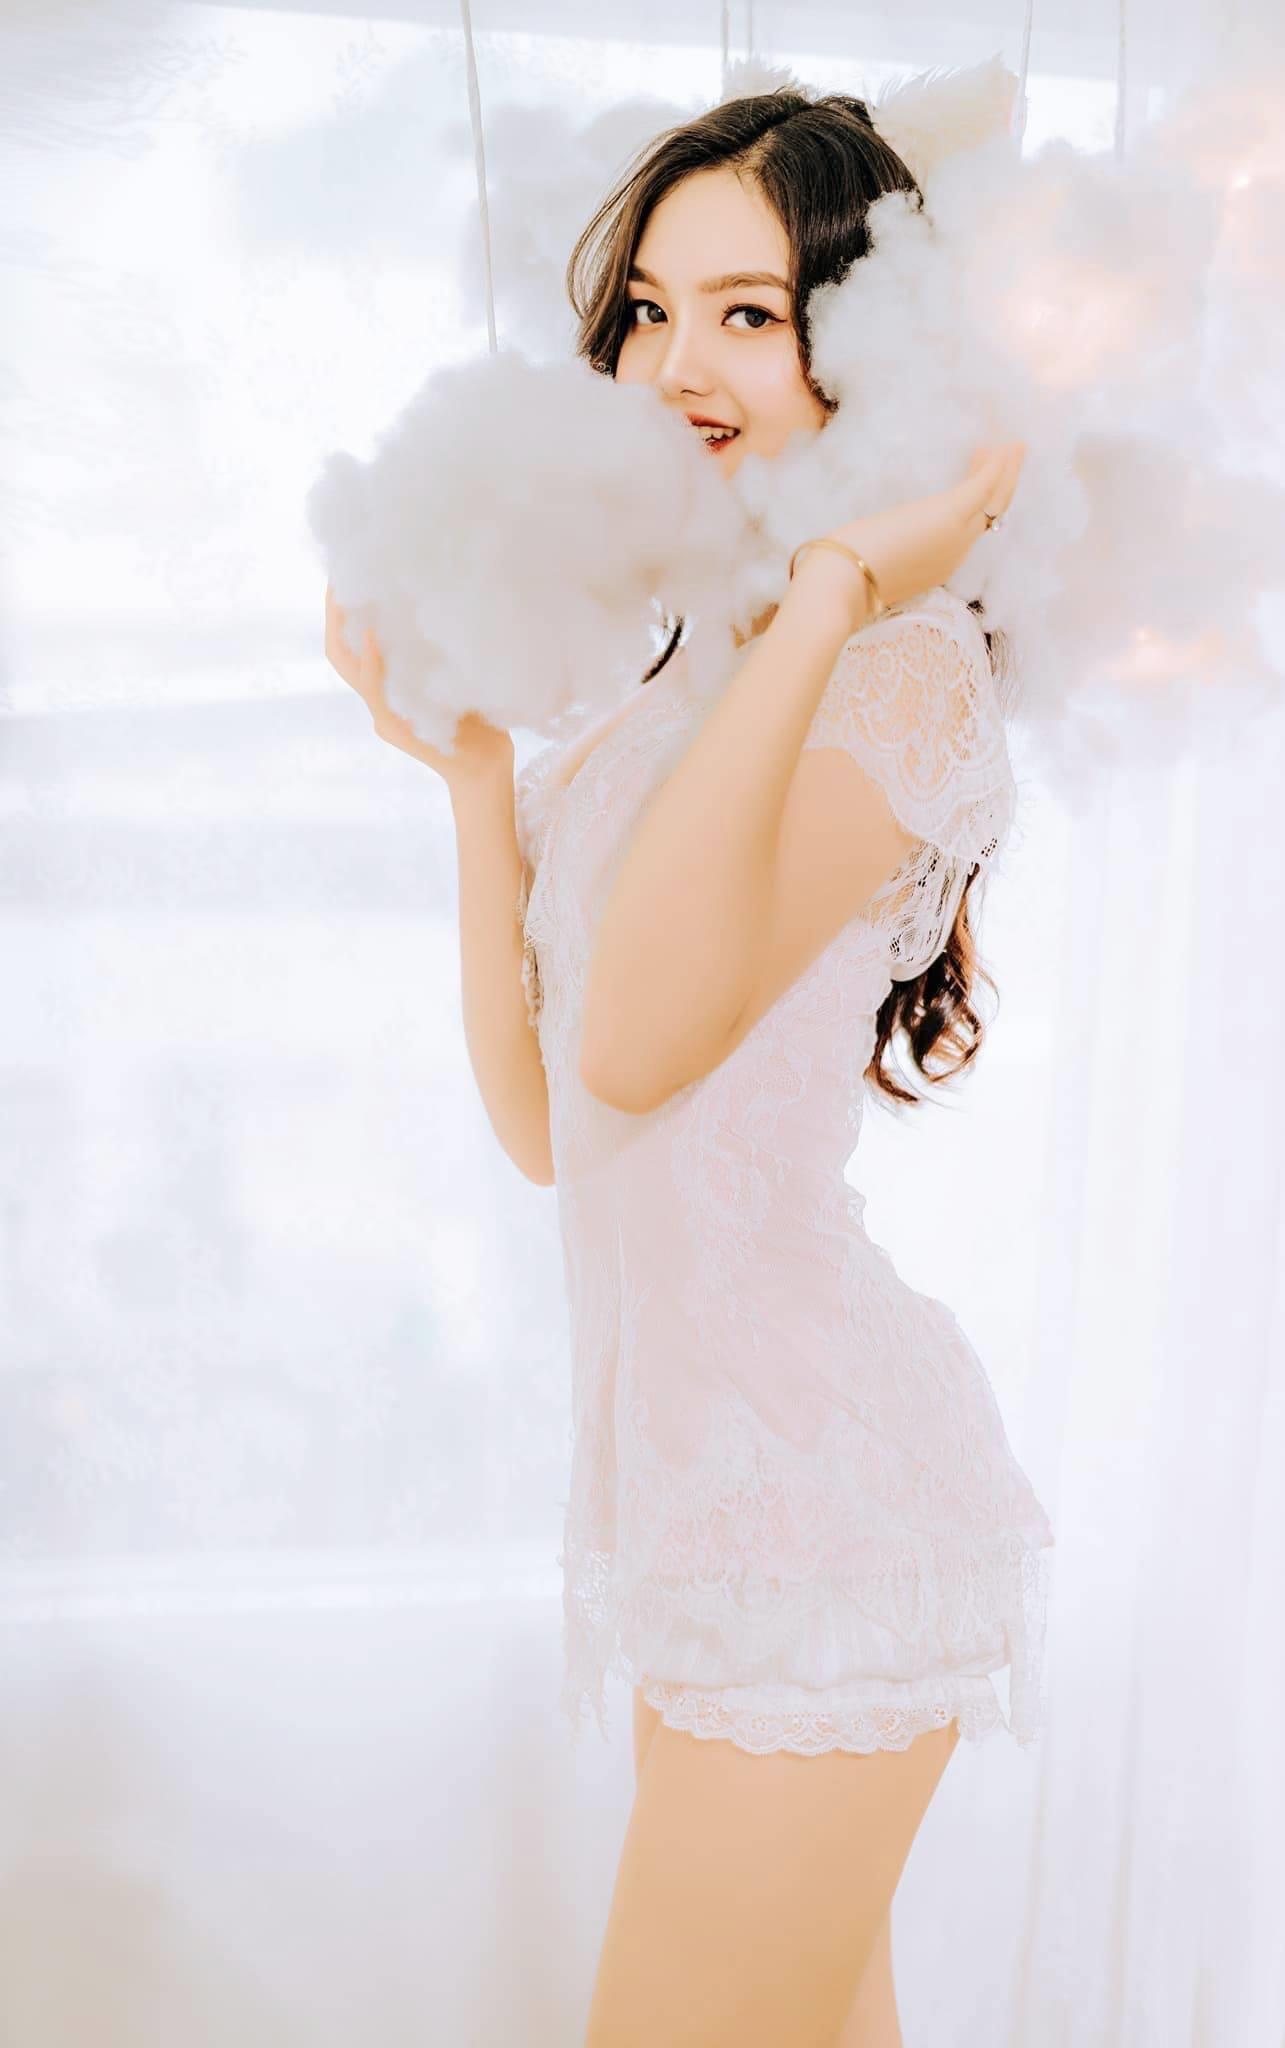 Xuất hiện thí sinh giống hệt Hương Giang tại hoa hậu Việt Nam 2020 - 10